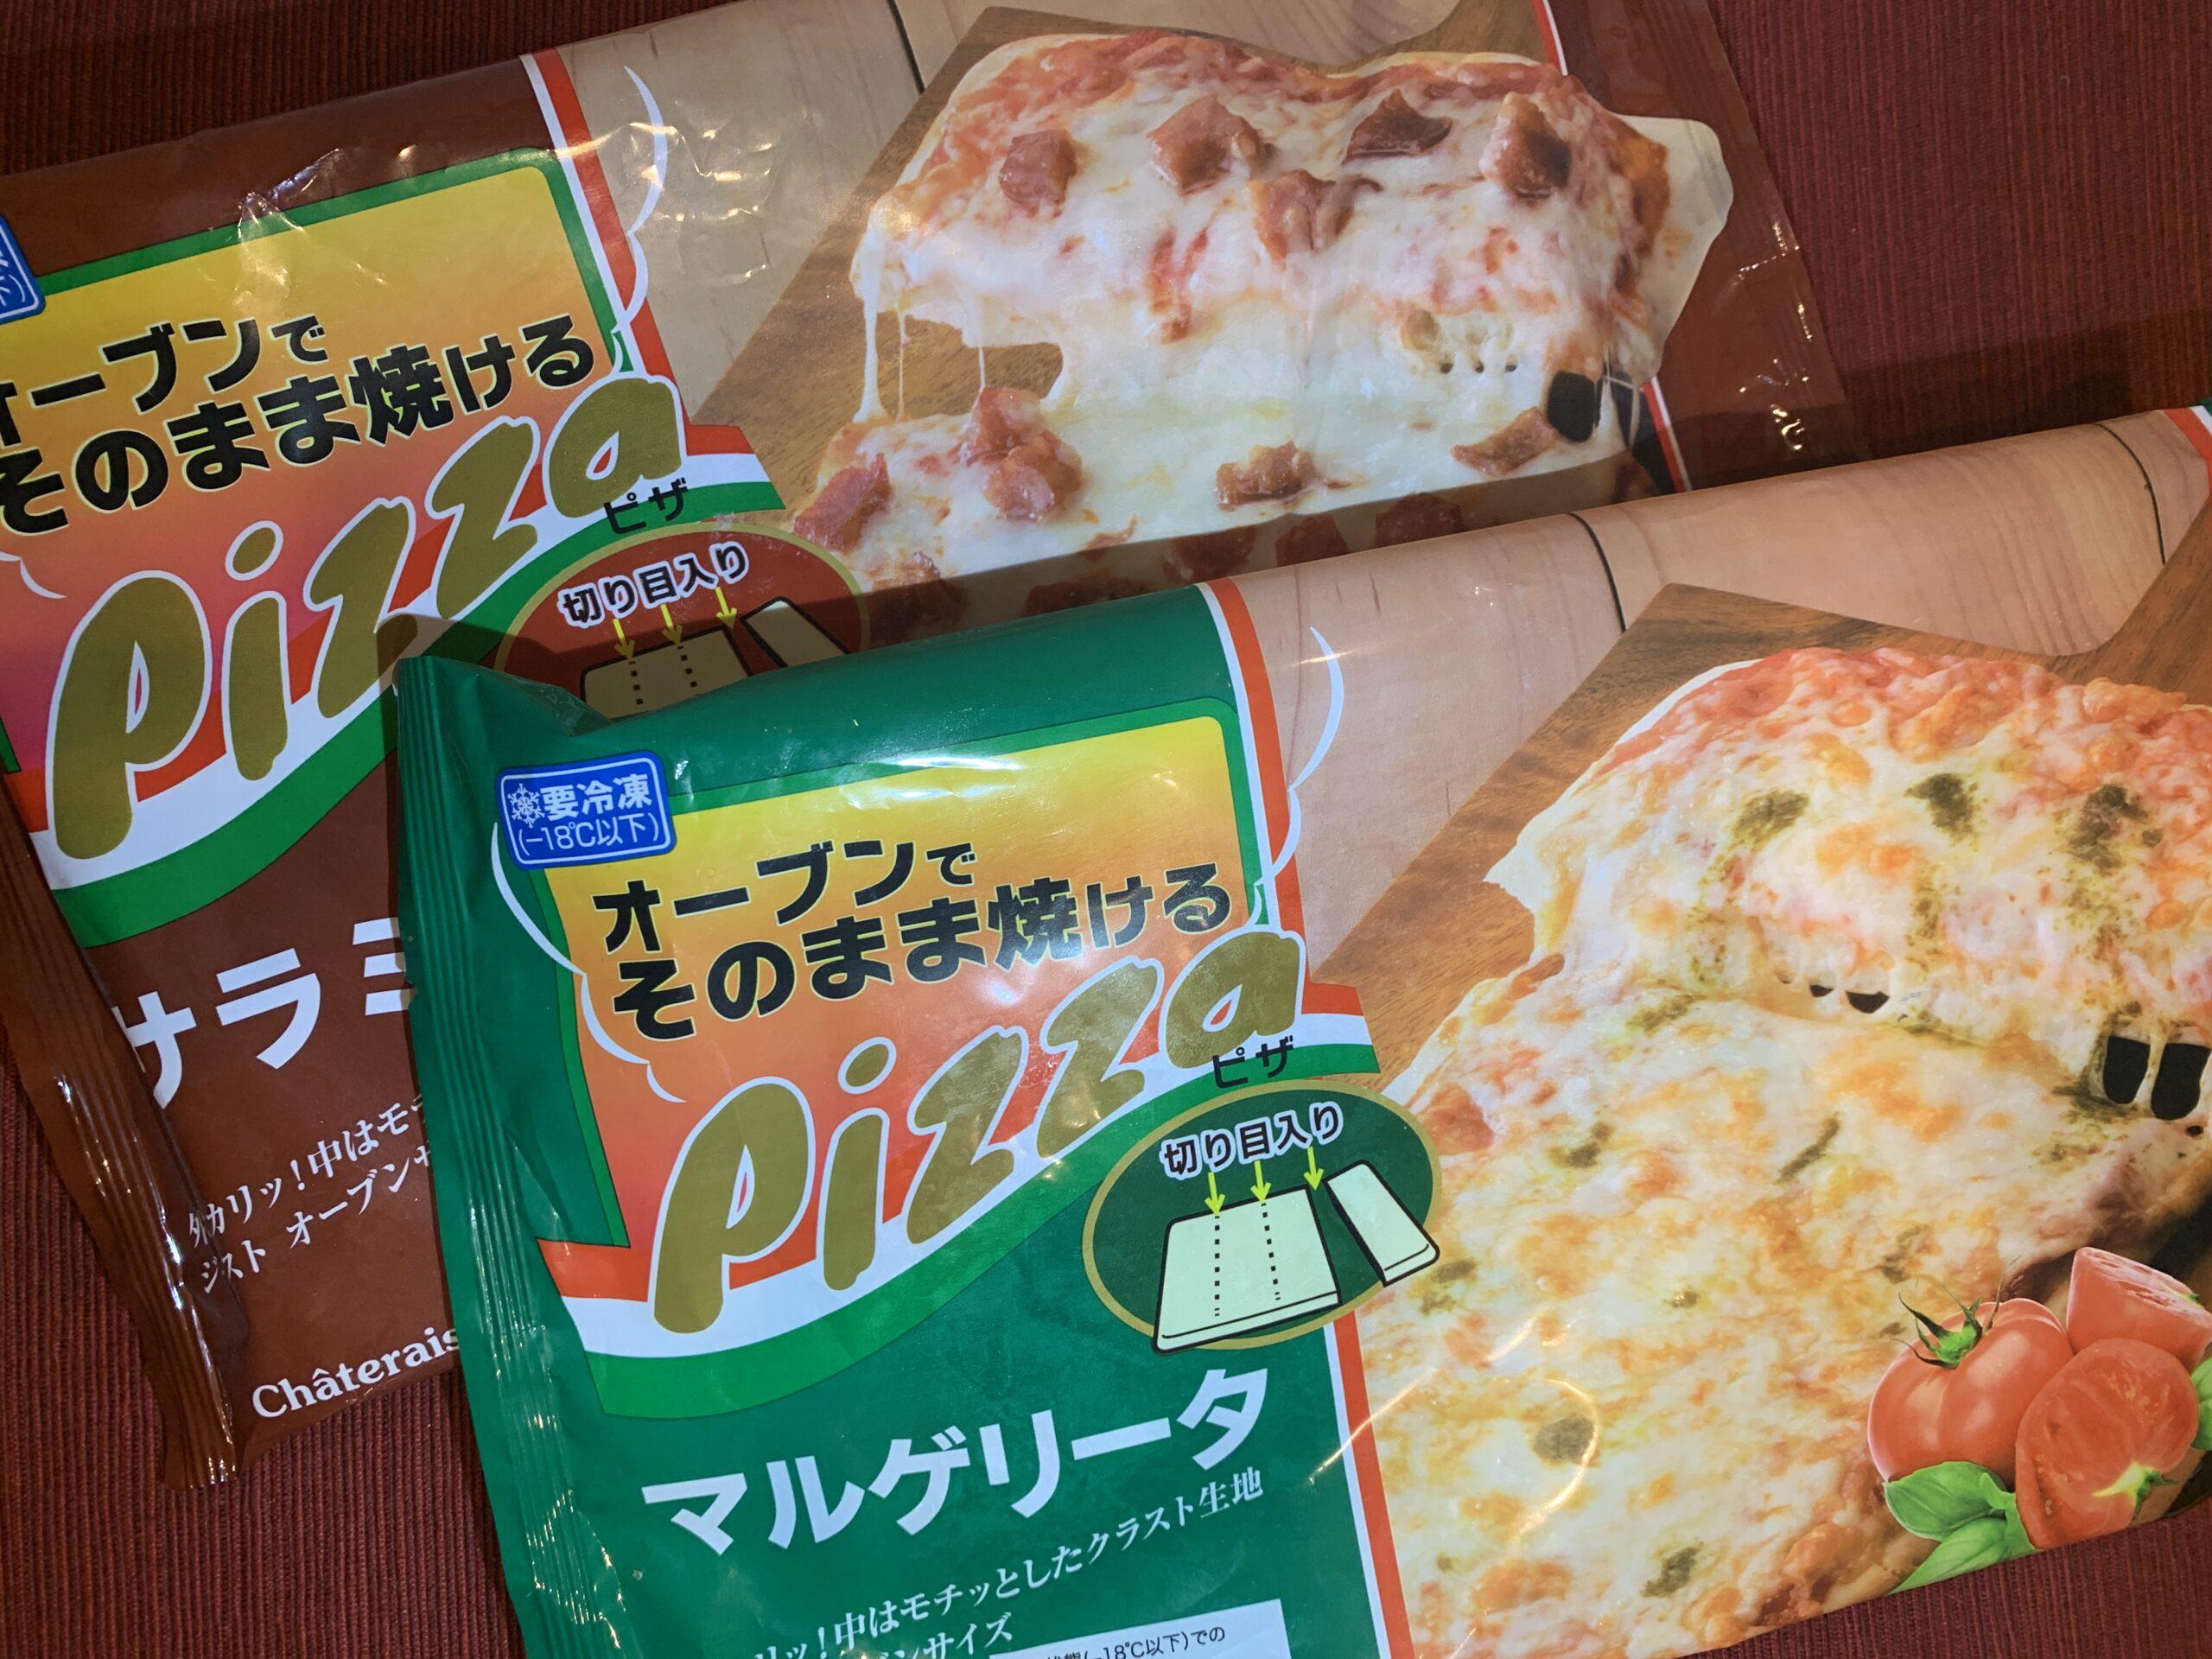 シャトレーゼのピザの値段は?マルゲリータ、サラミの食べ比べ